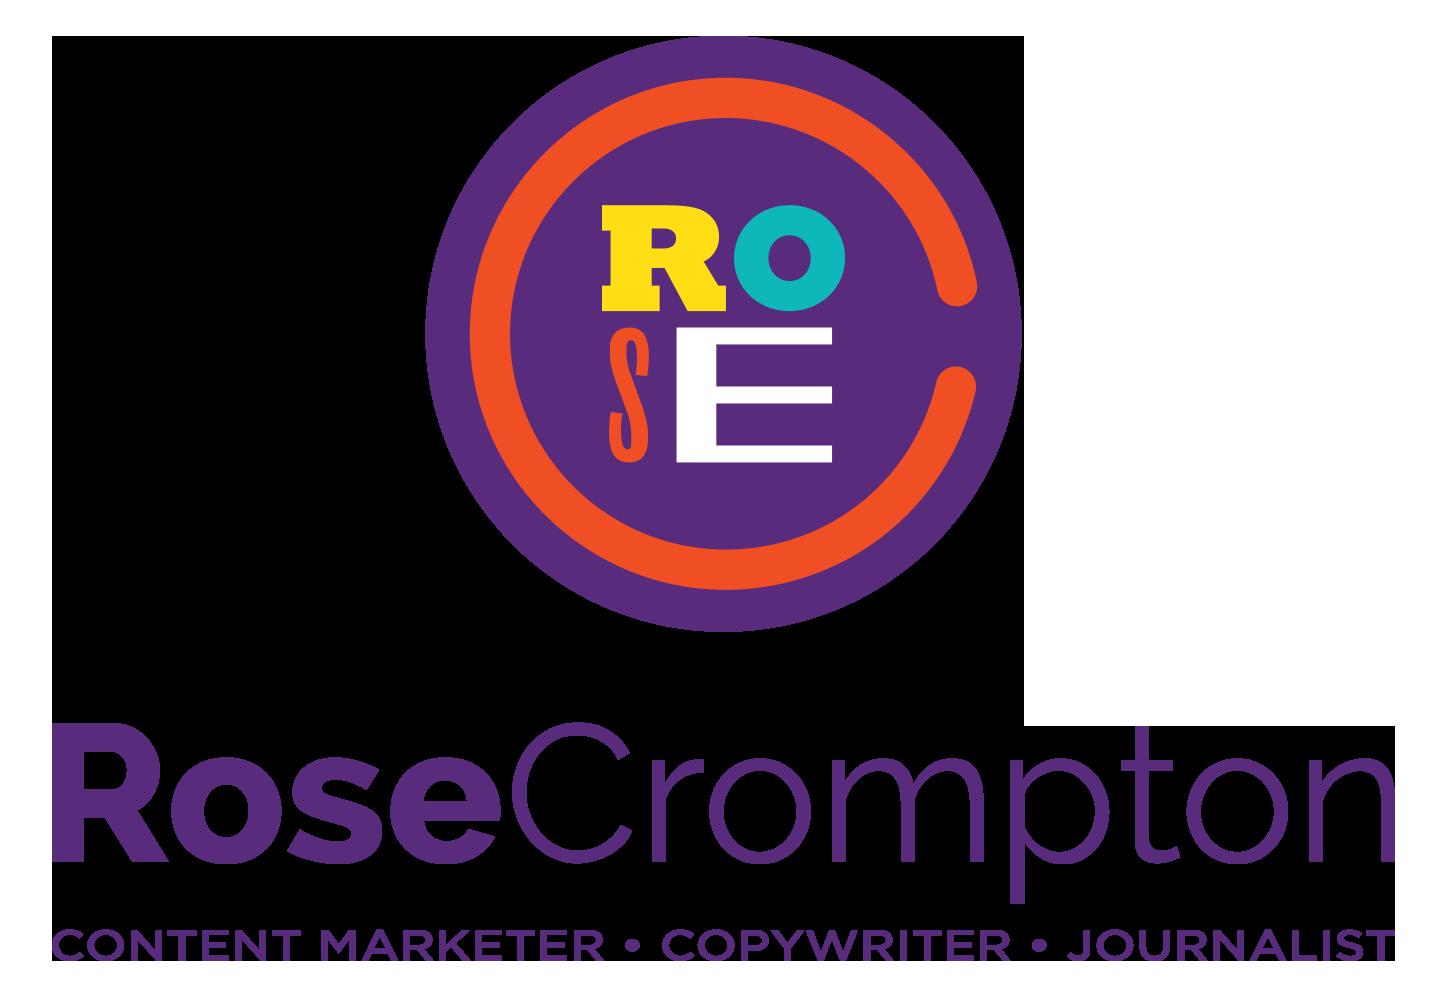 Rose Crompton